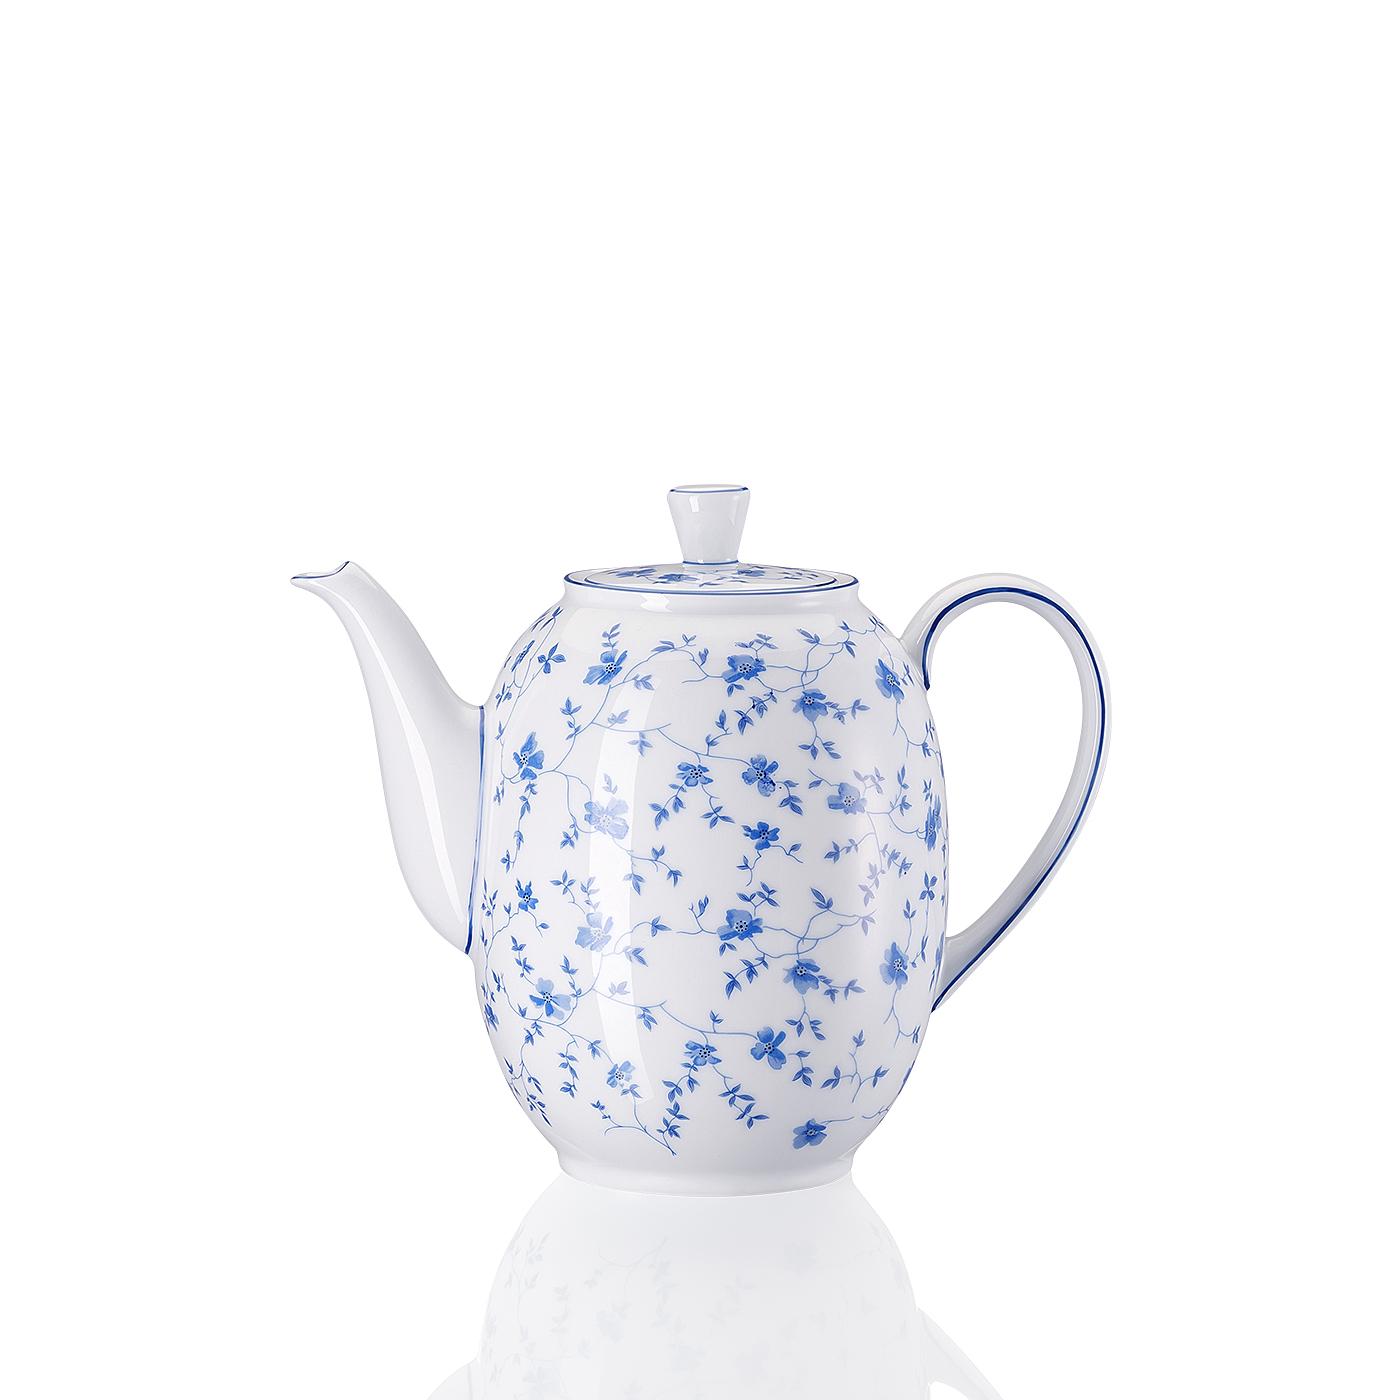 Kaffeekanne 6 P. Form 1382 Blaublüten Arzberg